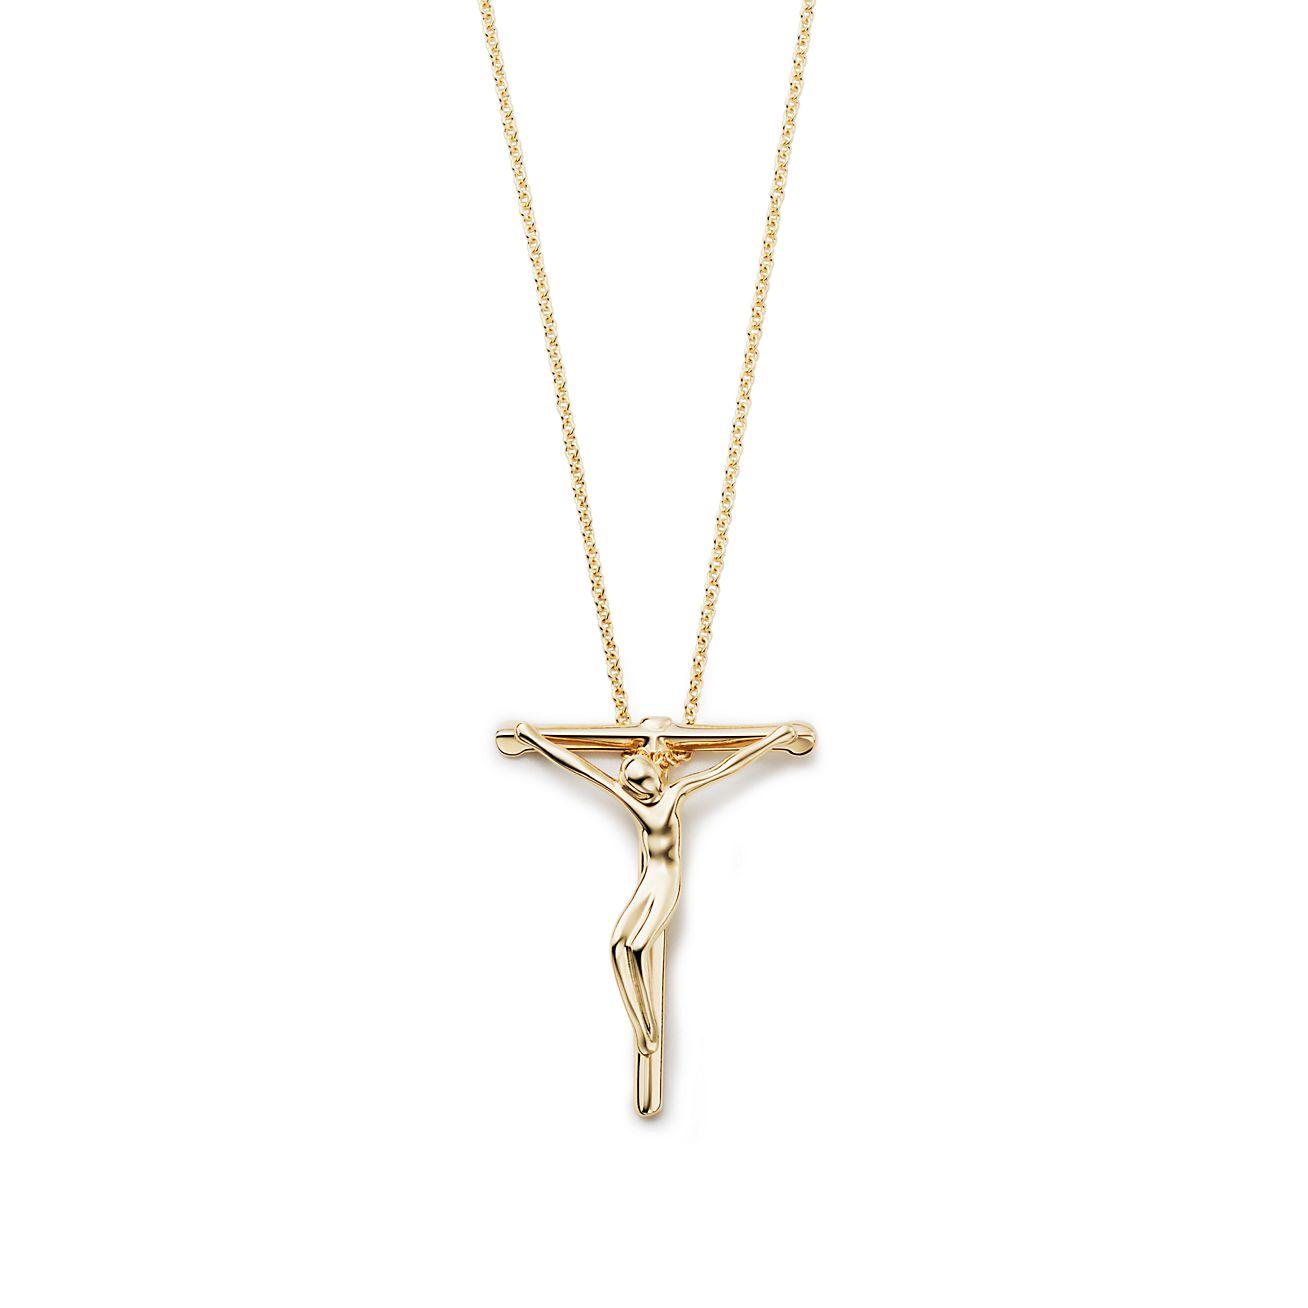 Elsa Pendentif Peretti Crucifix En Argent Sterling, 27 Mm De Large - Taille 27 Mm Tiffany & Co.